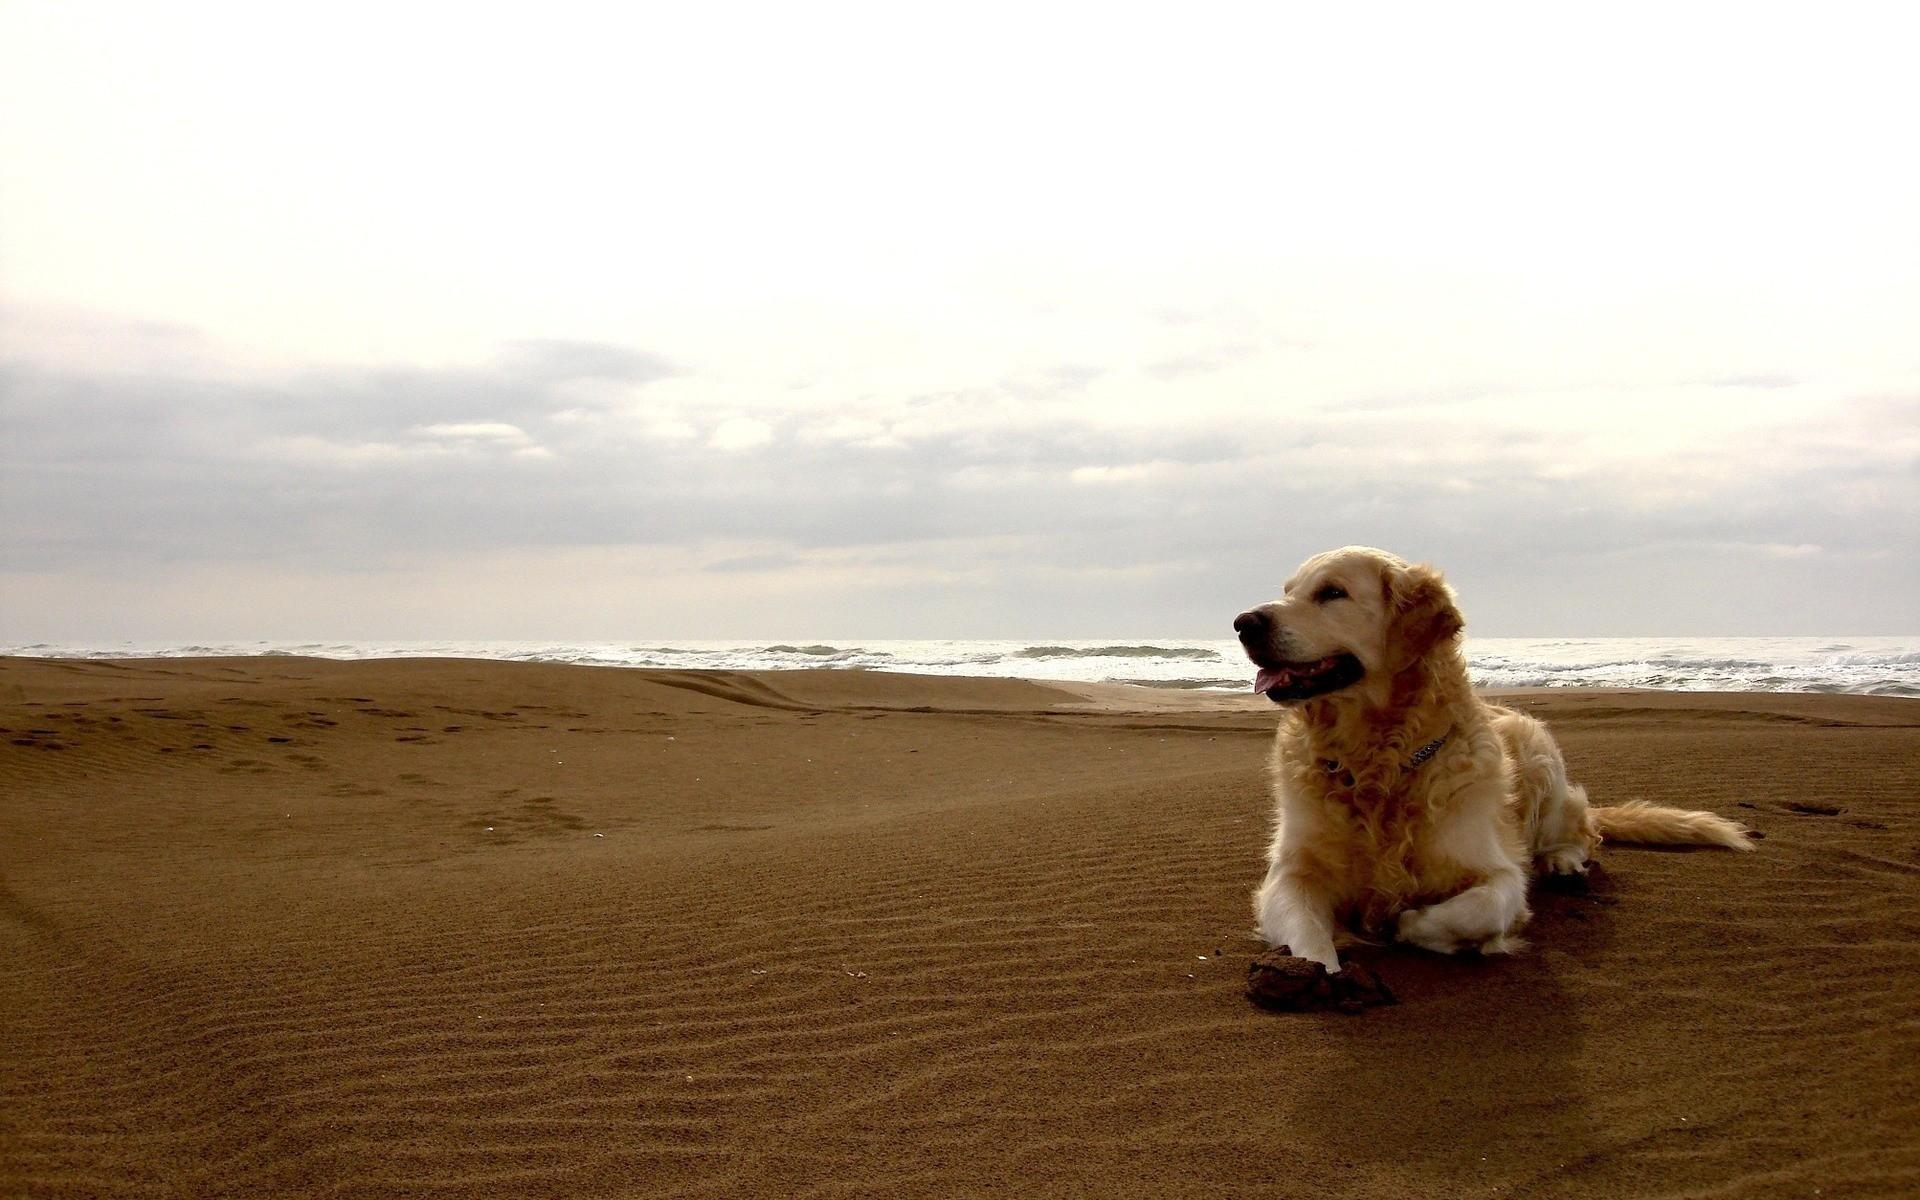 Картинки Собака, лабрадор, пляж, песок фото и обои на рабочий стол